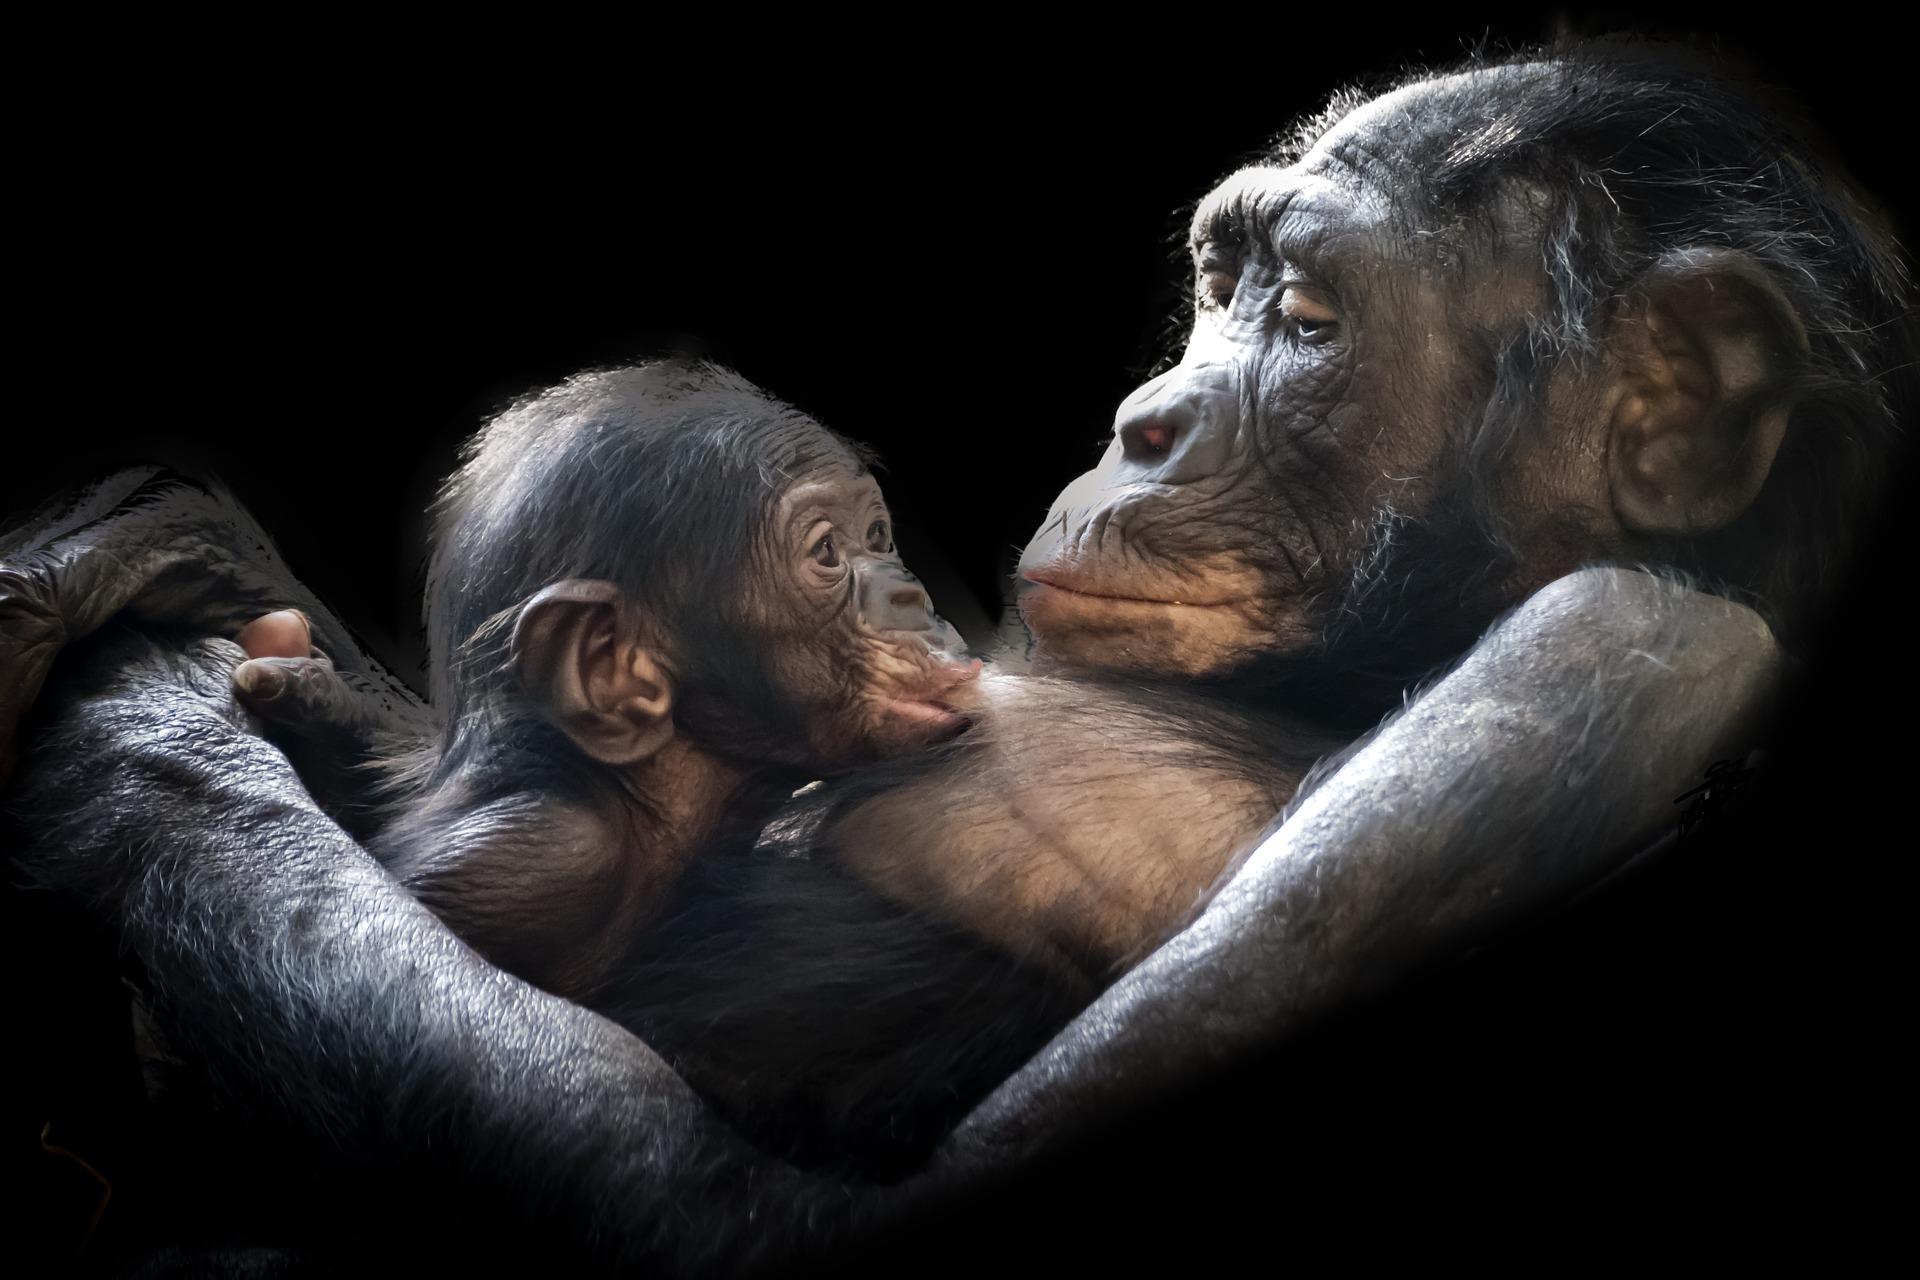 gorillas-1097143_1920